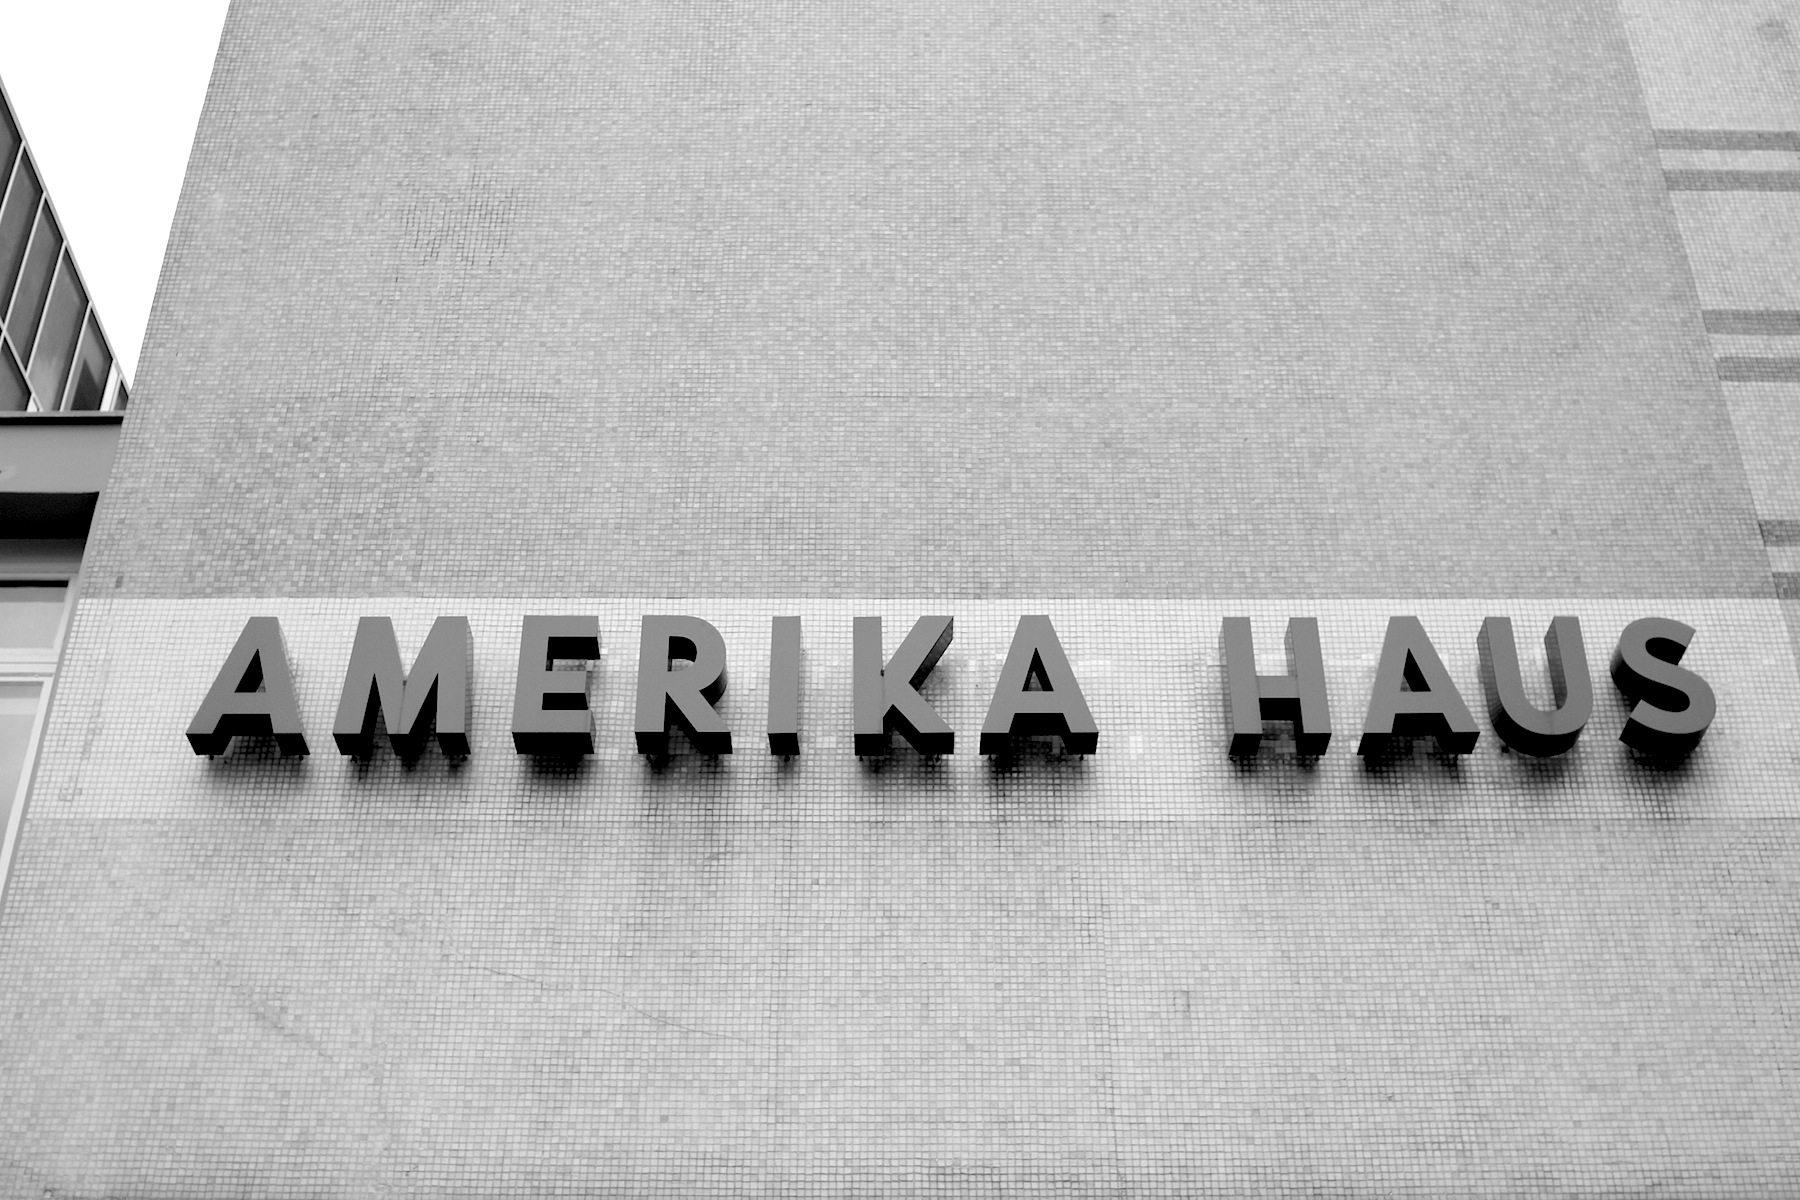 Abstrakt. Die Lösung des Architekten Bruno Grimmek für die große Fläche des Kubus: eine Abstraktion der amerikanischen Flagge als Mosaik mit den originalgetreu wiederhergestellten Lettern.